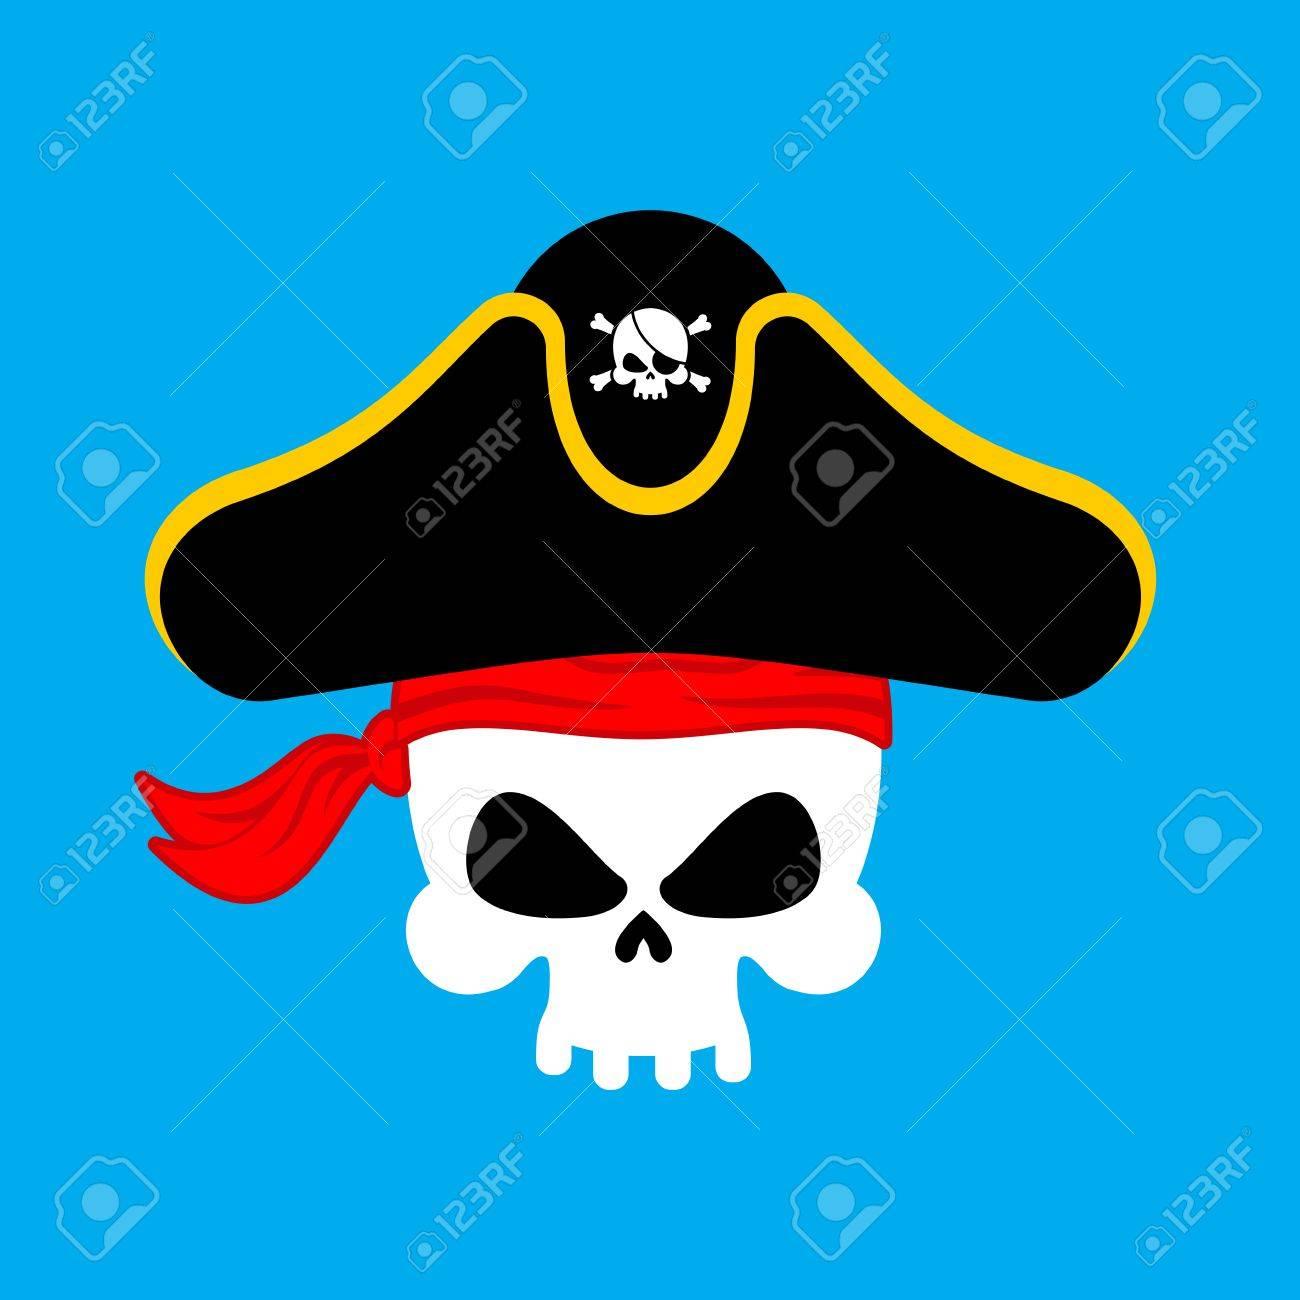 Retrato Del Pirata Del Cráneo En Sombrero. Parche En El Ojo. Tapa De ...